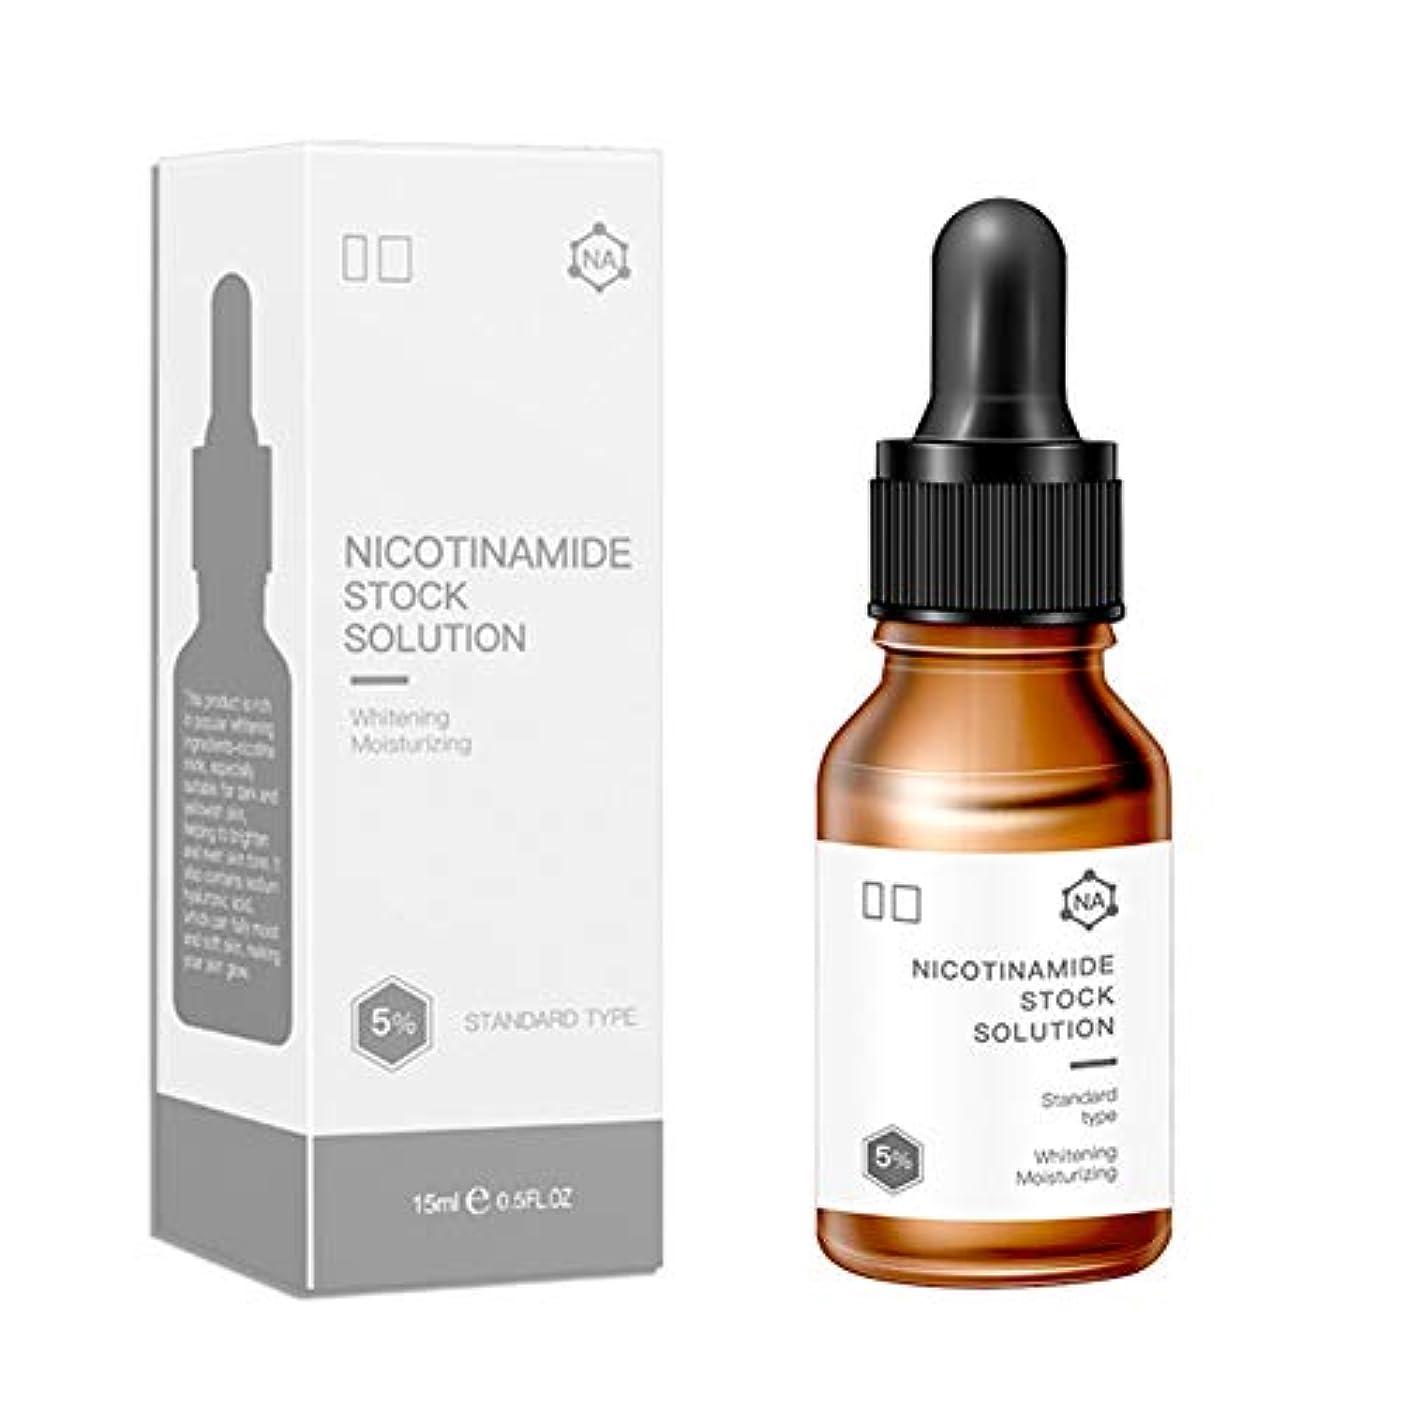 合体中庭シンボルDC 15ML 10%ニコチンアミド美白原液 ニコチンアミドストック溶液 スキンケアエッセンス